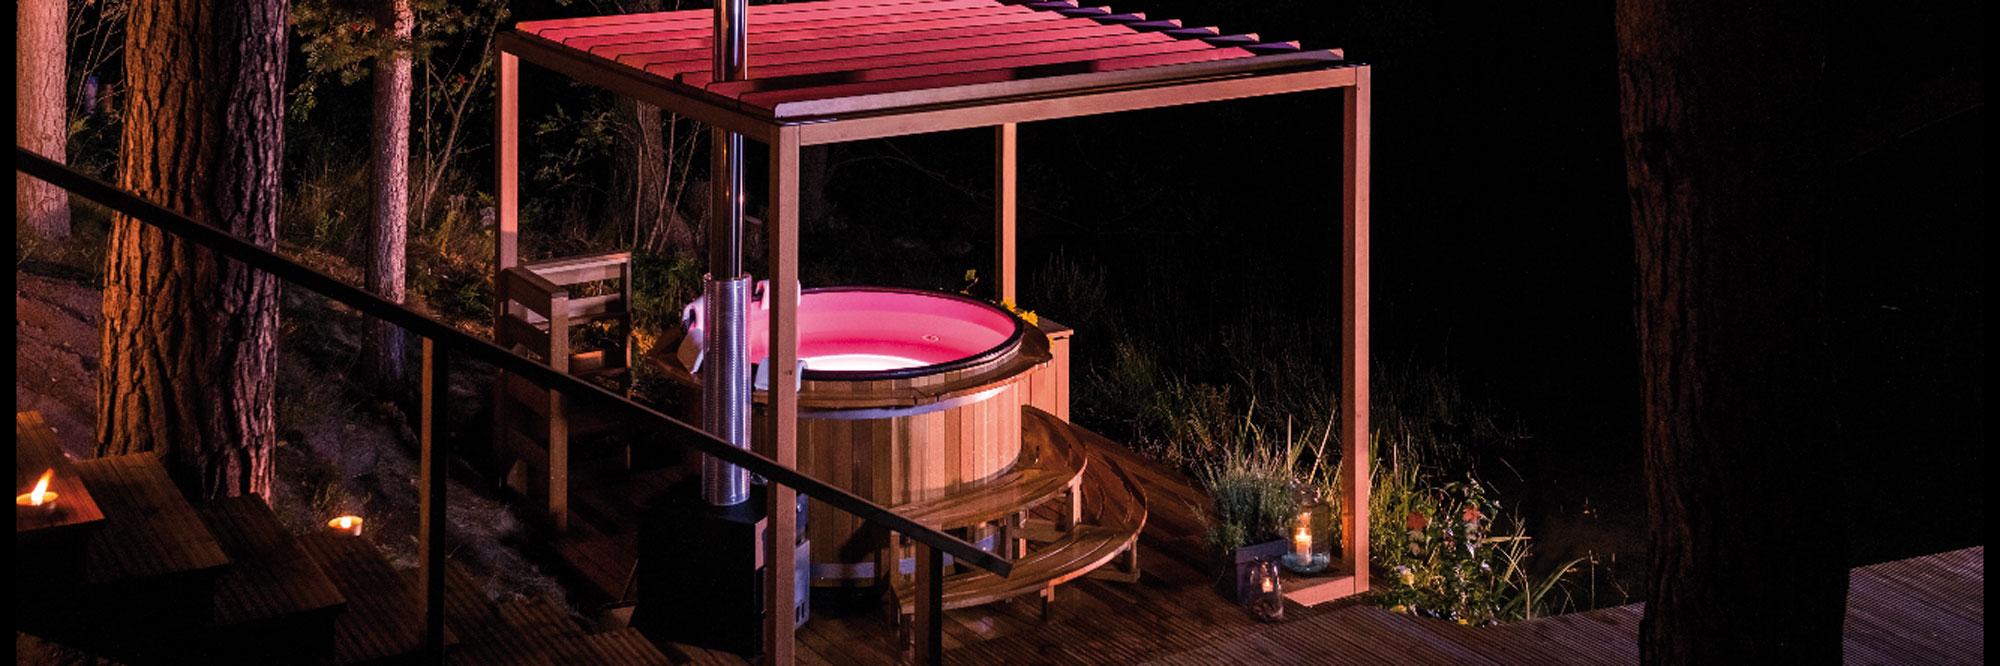 L\'Atelier des bains, scandinave hot-tubs dans le jardin - Tendance ...